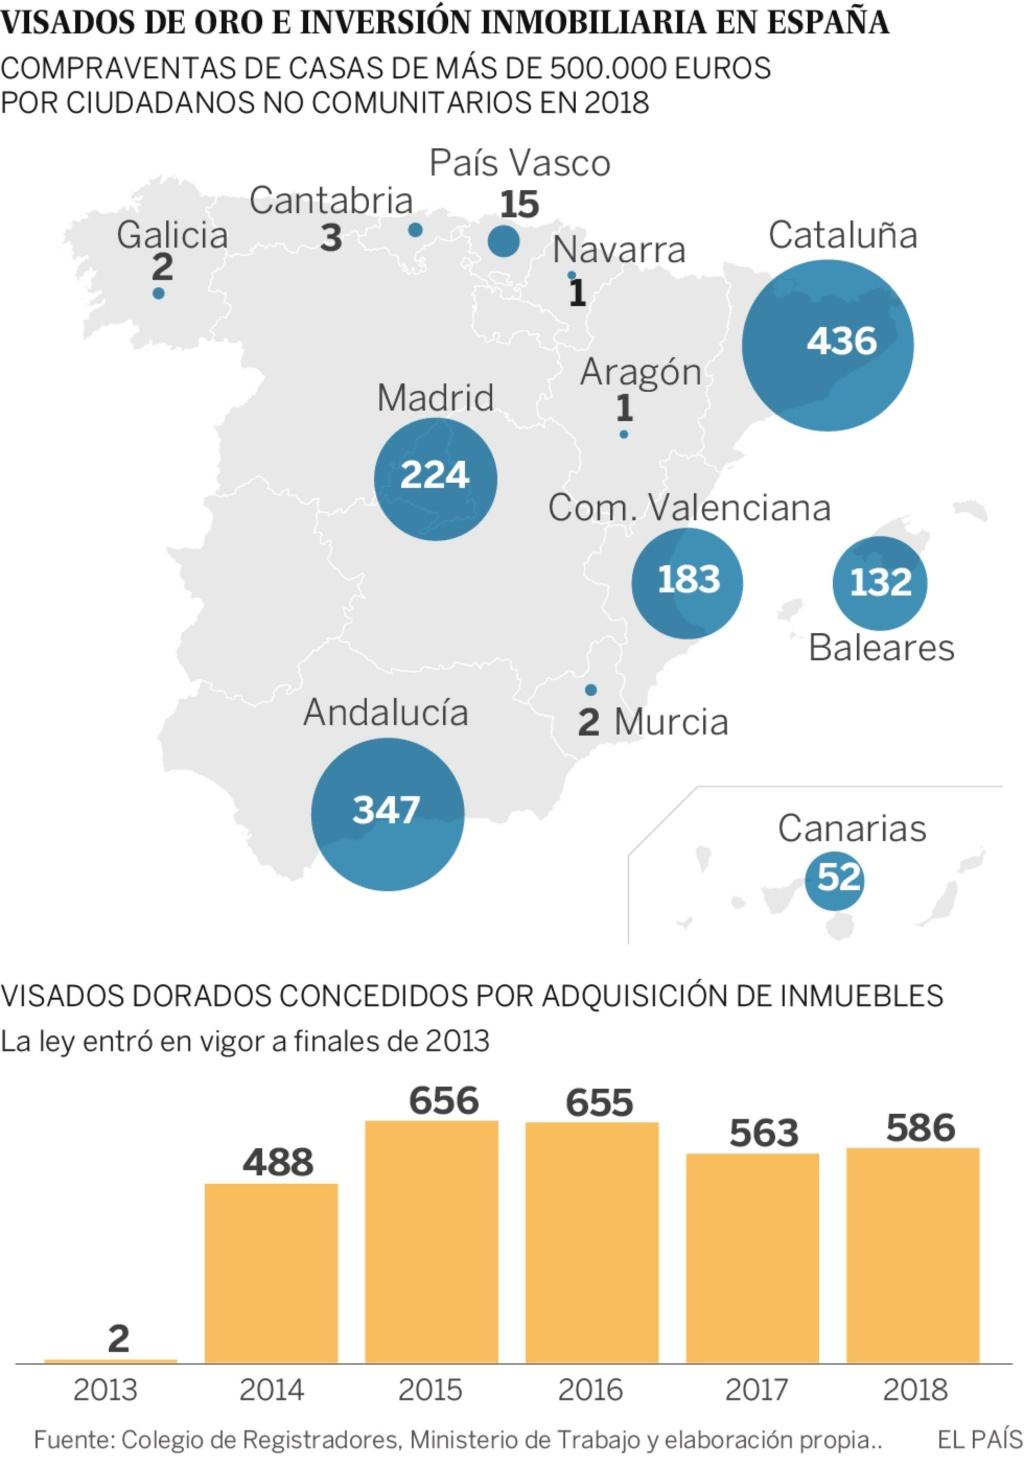 España: deportaciones, discriminaciones, redadas,  explotaciones... contra inmigrantes. - Página 4 15550910